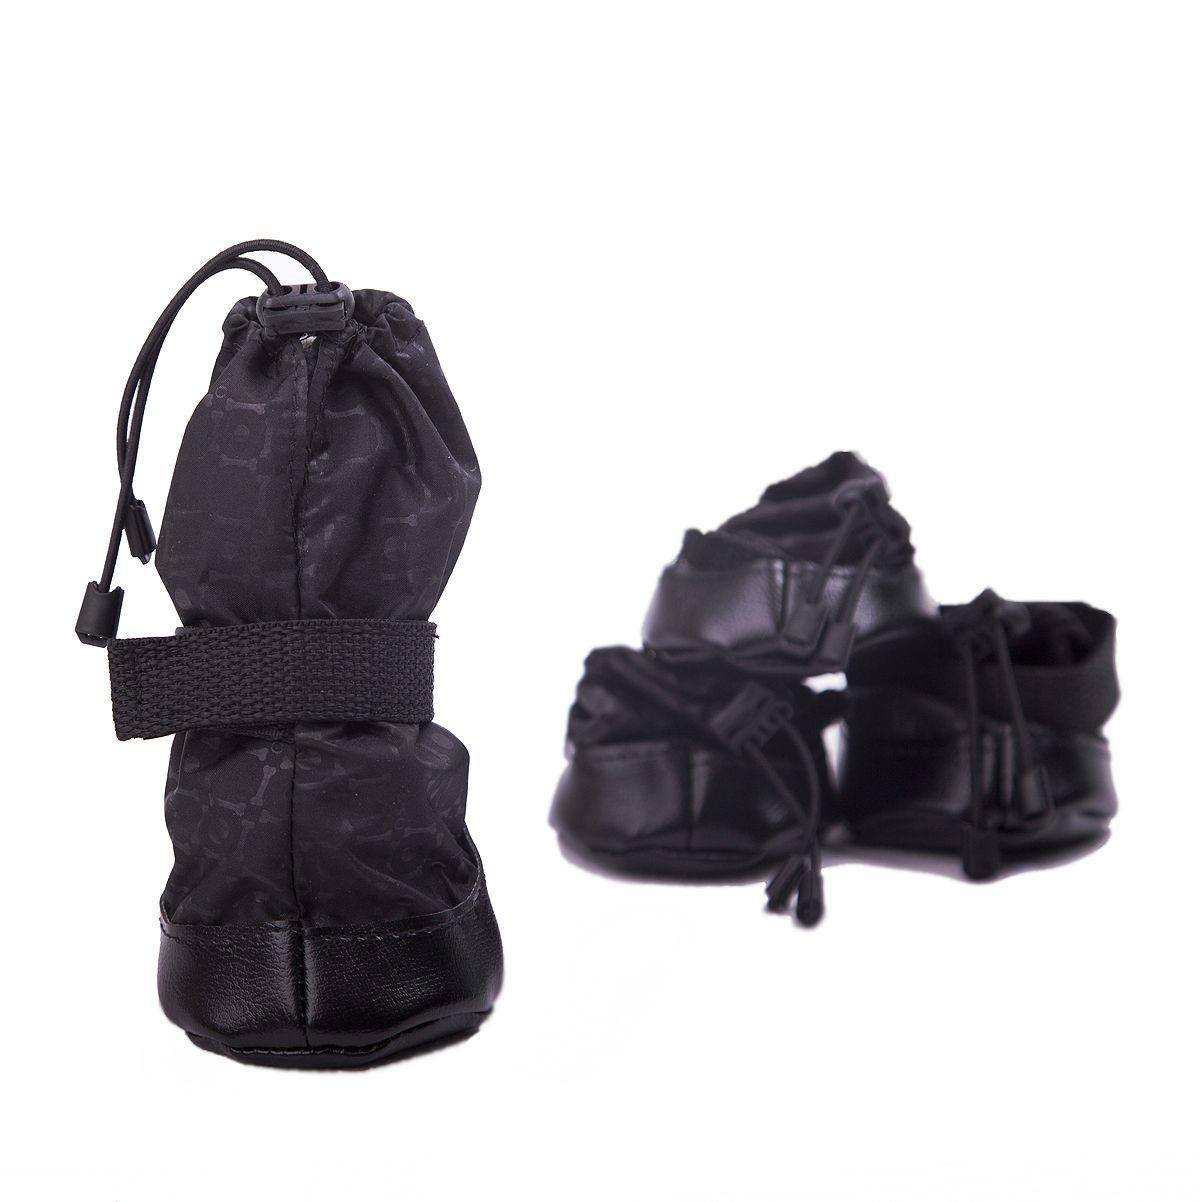 Ботинки для собак  OSSO Fashion , короткие, унисекс, цвет: черный. Размер 2 - Одежда, обувь, украшения